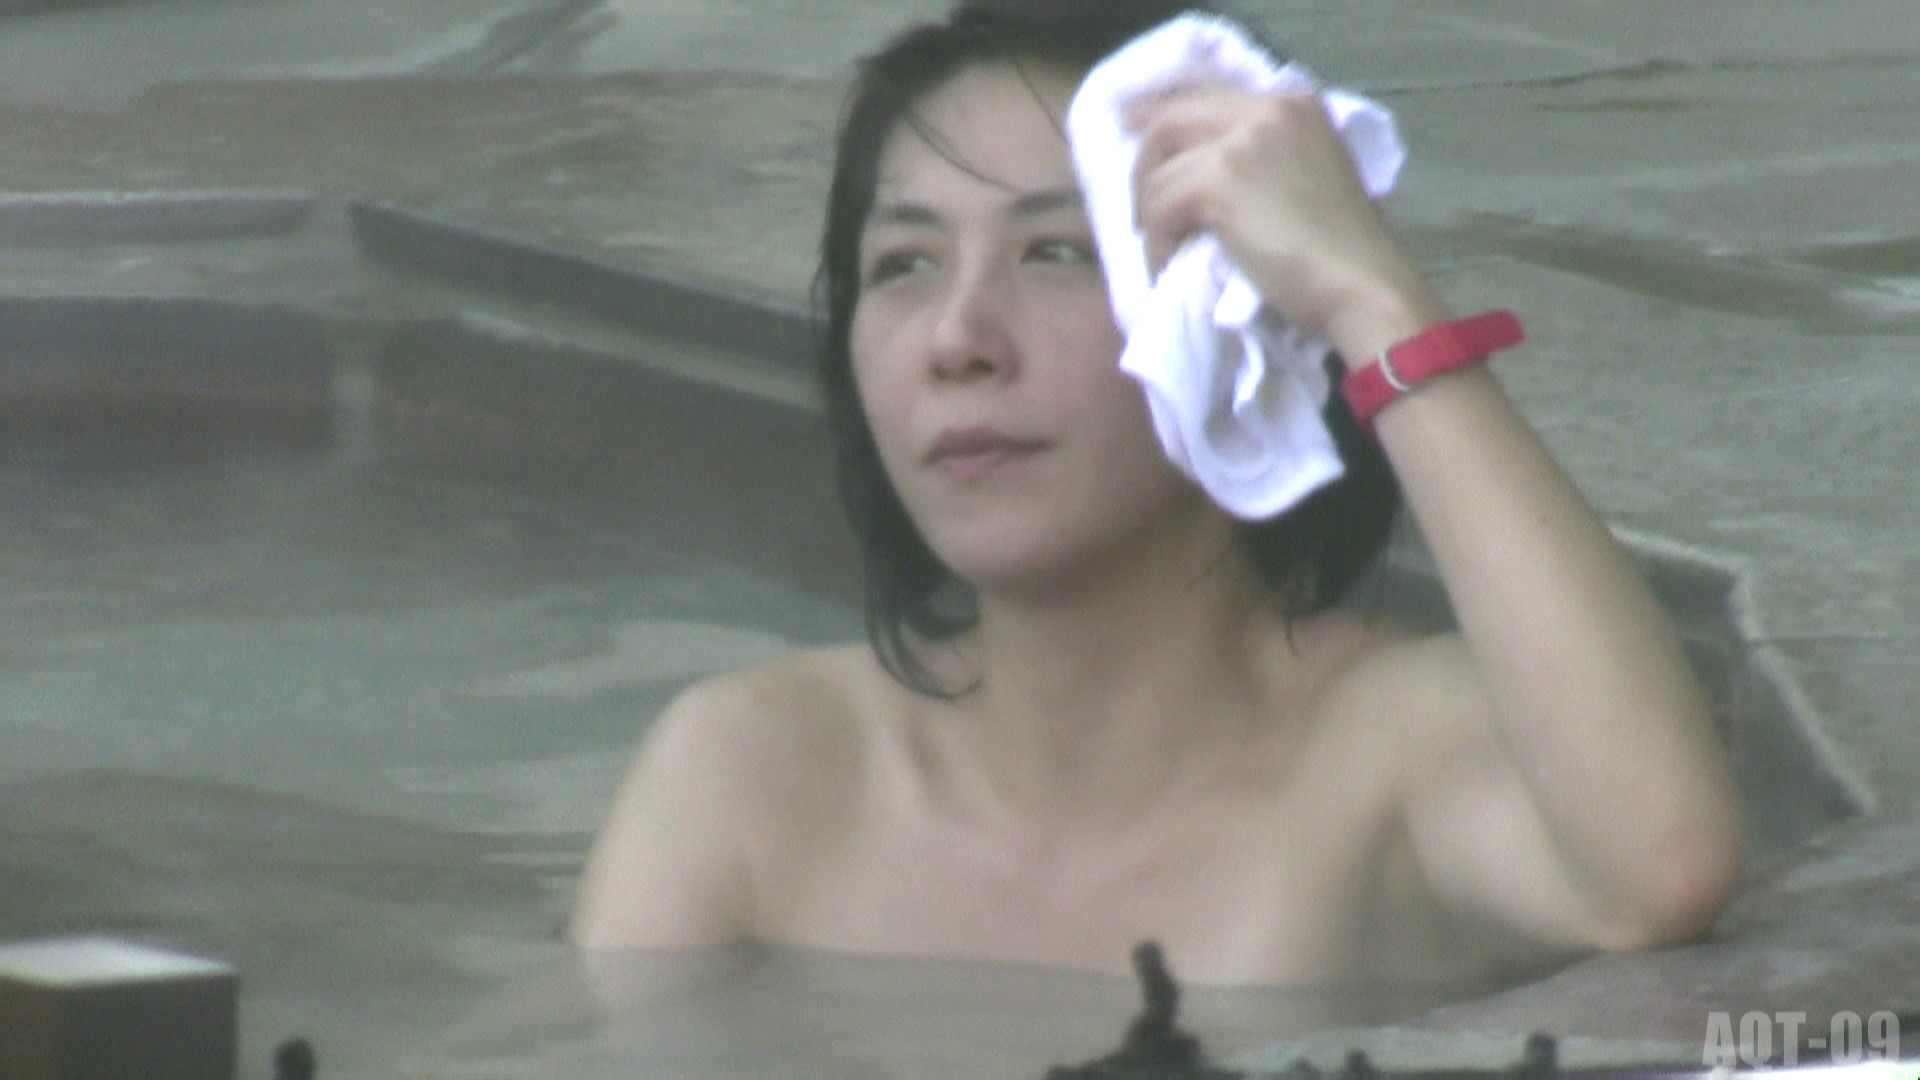 Aquaな露天風呂Vol.788 露天風呂突入 隠し撮りオマンコ動画紹介 100pic 29